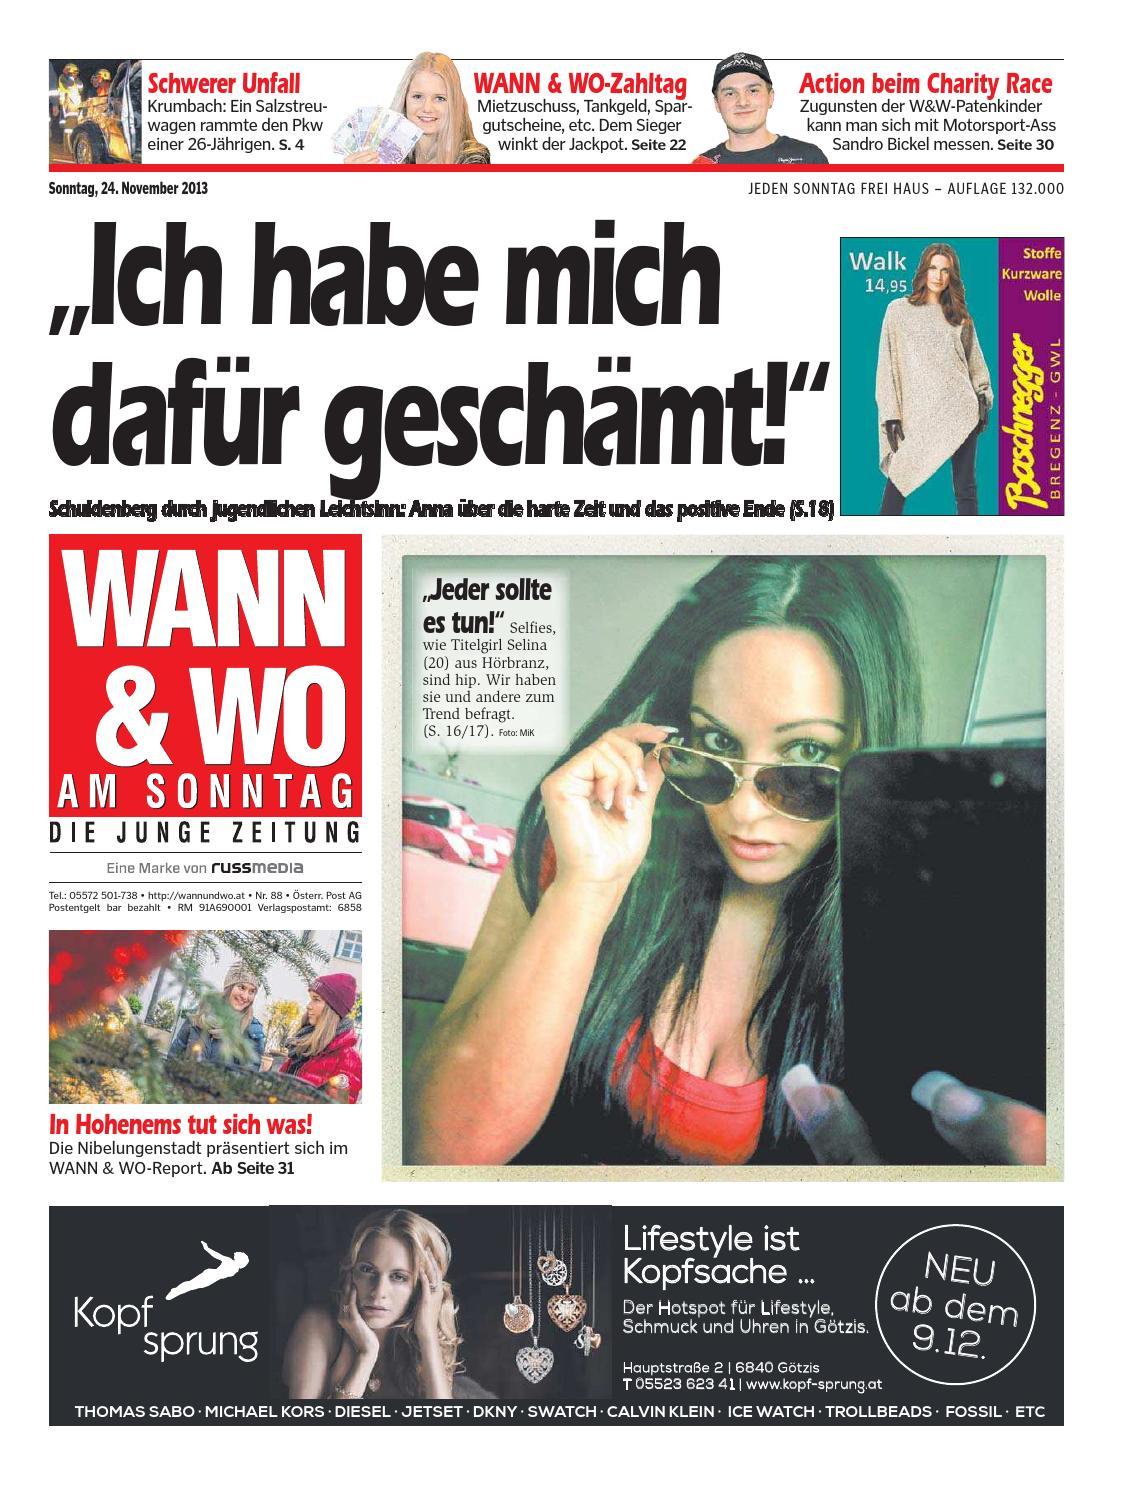 Issueswawo 20131124 by Russmedia Digital GmbH - issuu